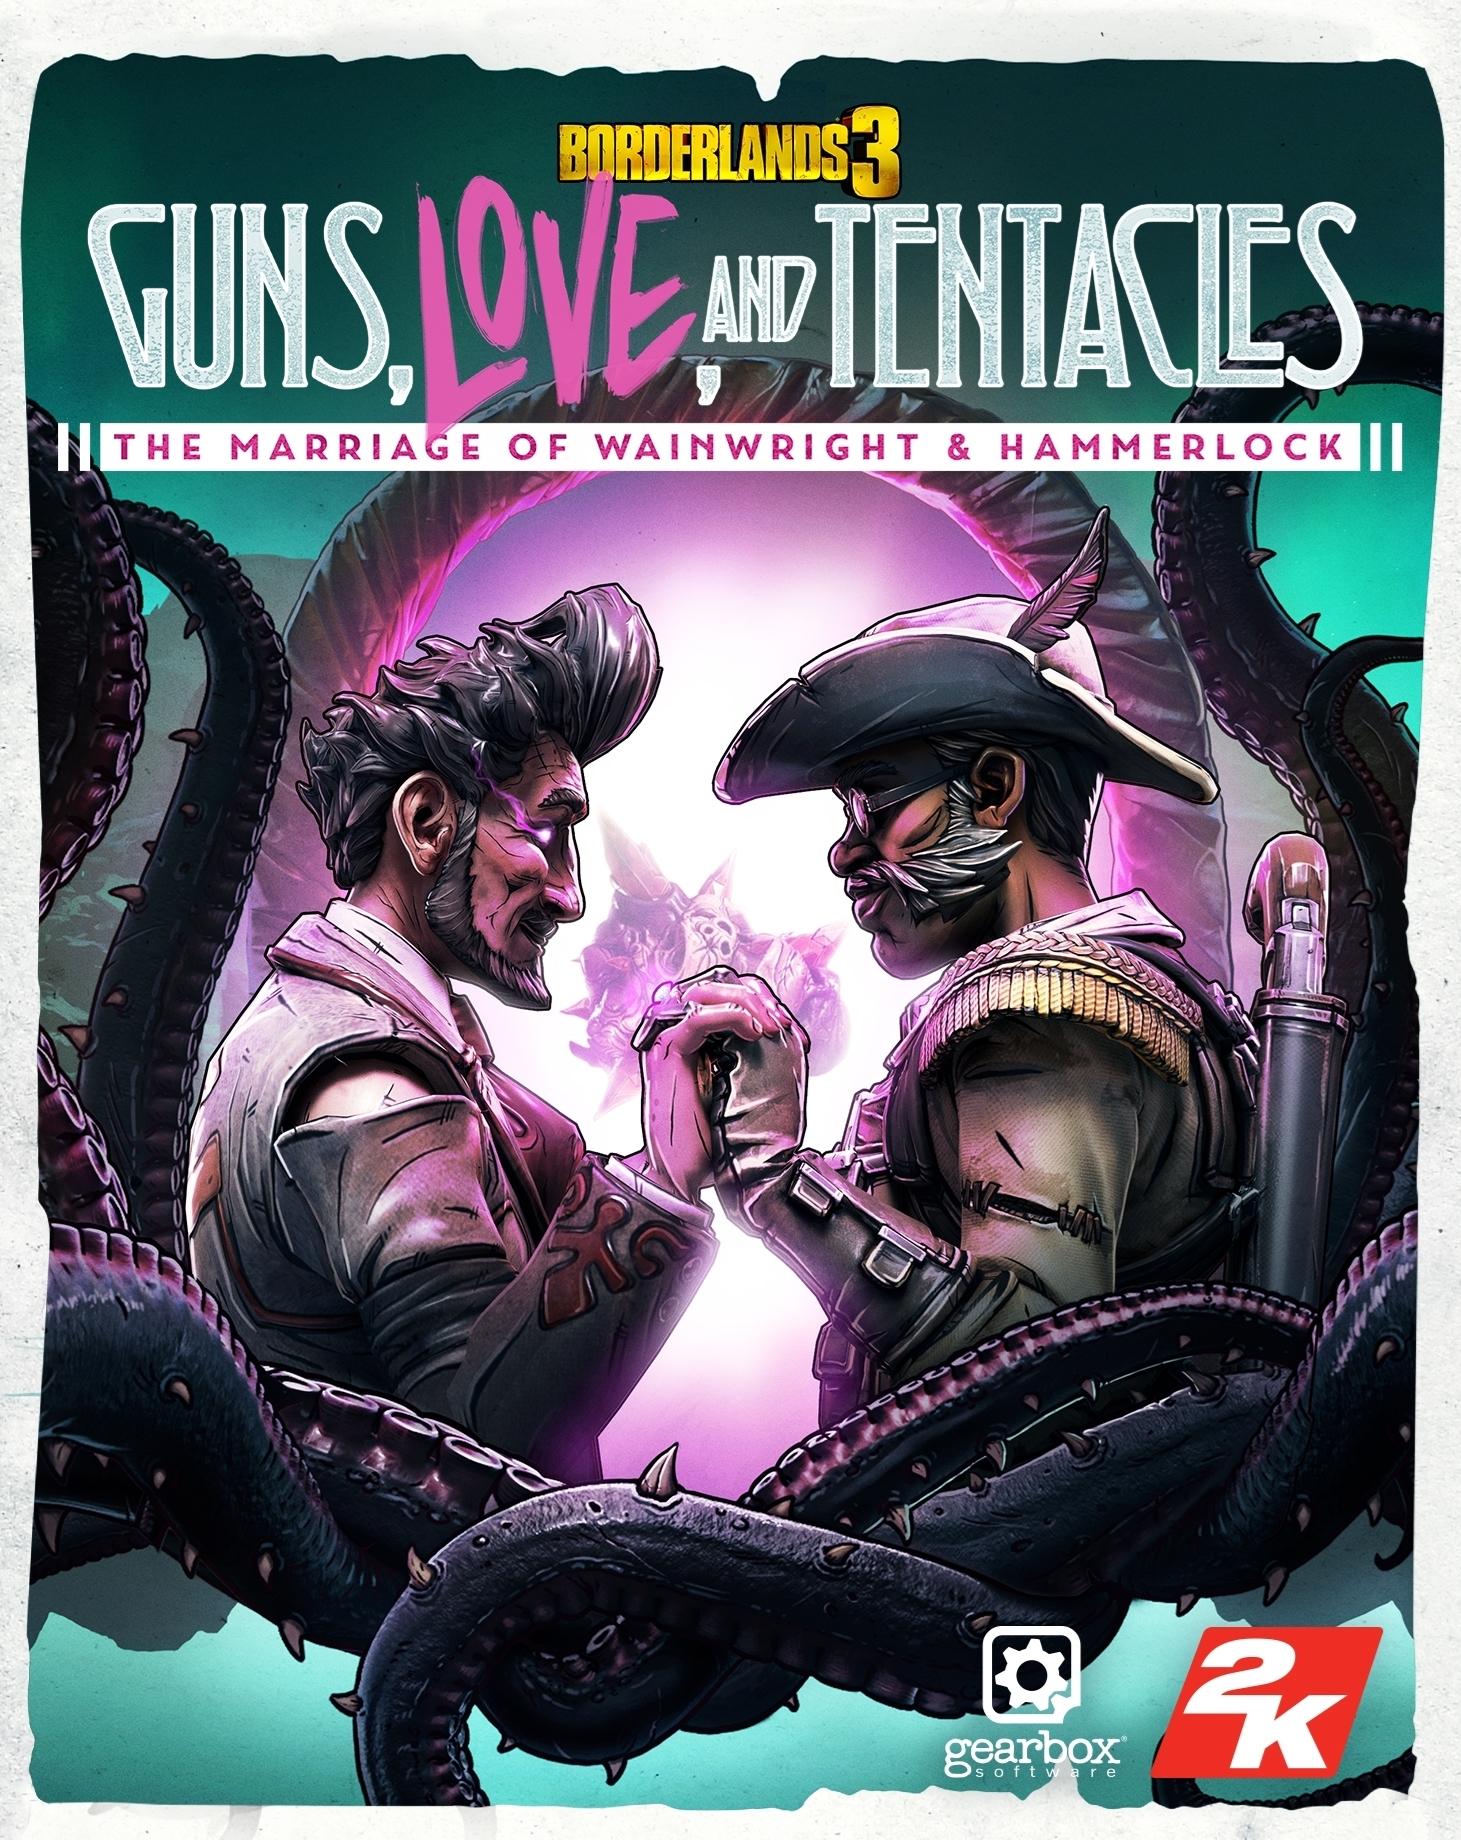 Borderlands 3: Guns, Love, and Tentacles (Steam) | ROW (4e896c55-a54c-4974-8170-48e8127520f7)